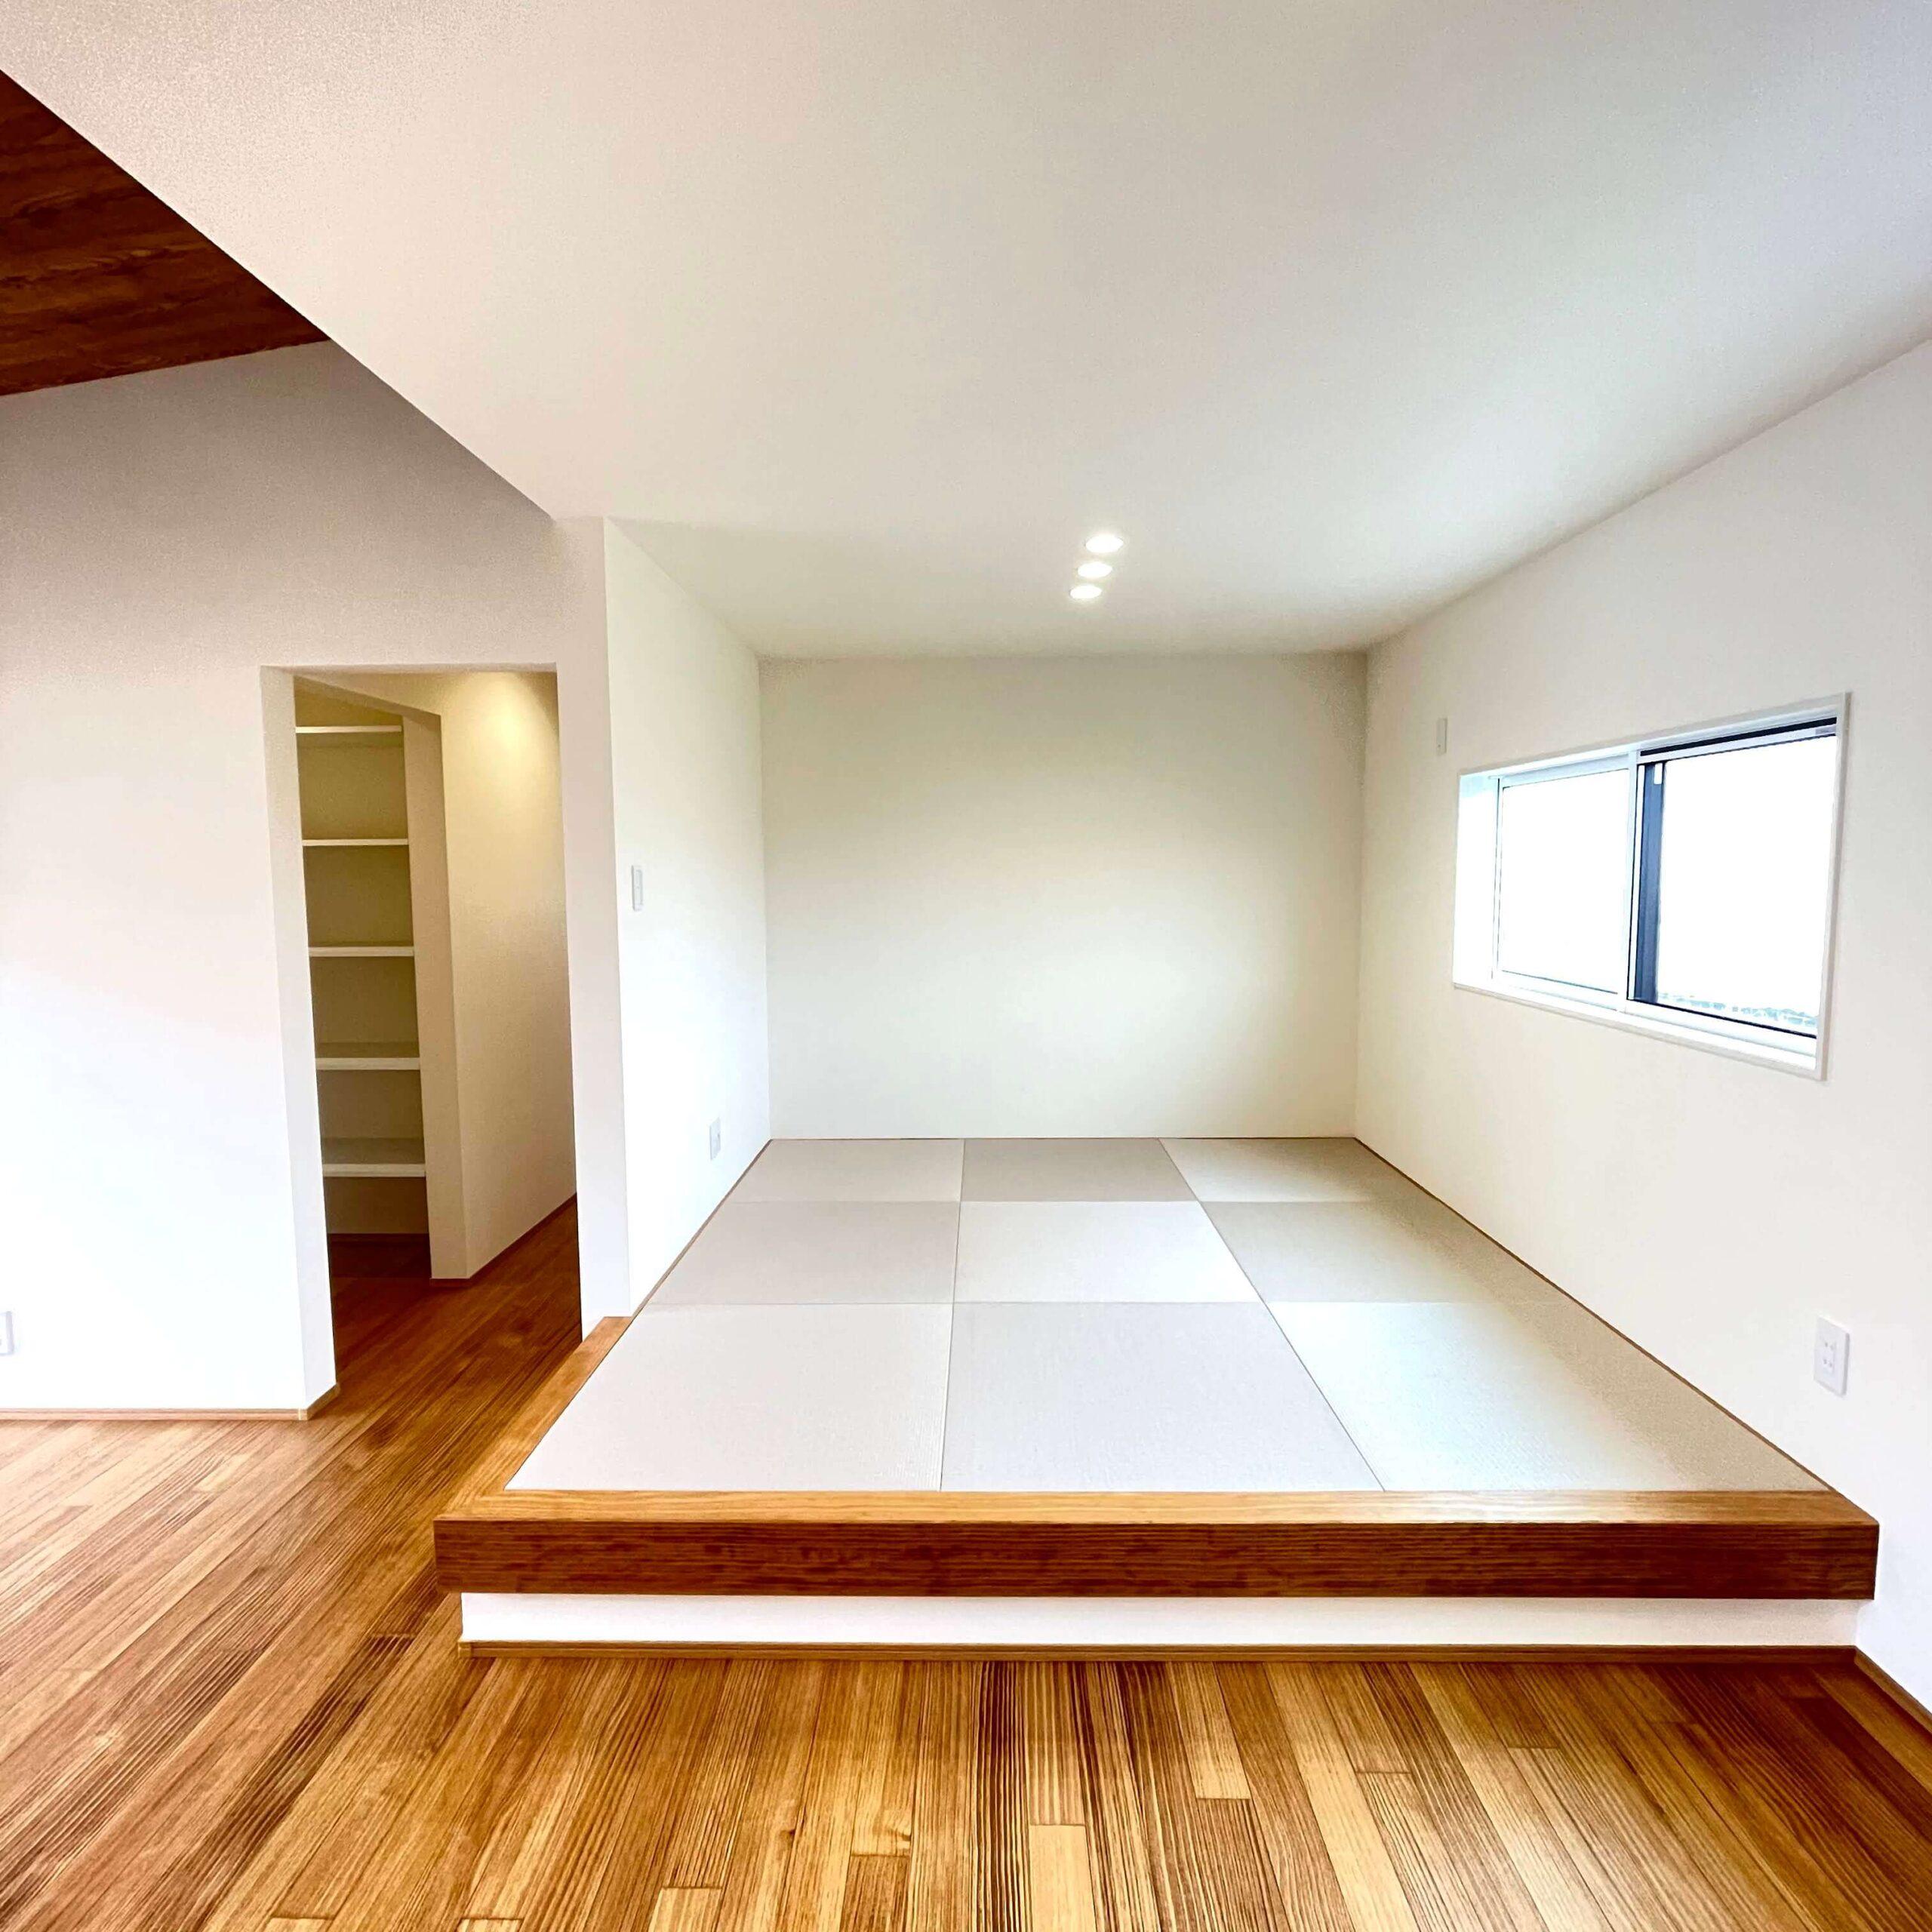 大村市新築建売住宅「OURS黒丸1号地」